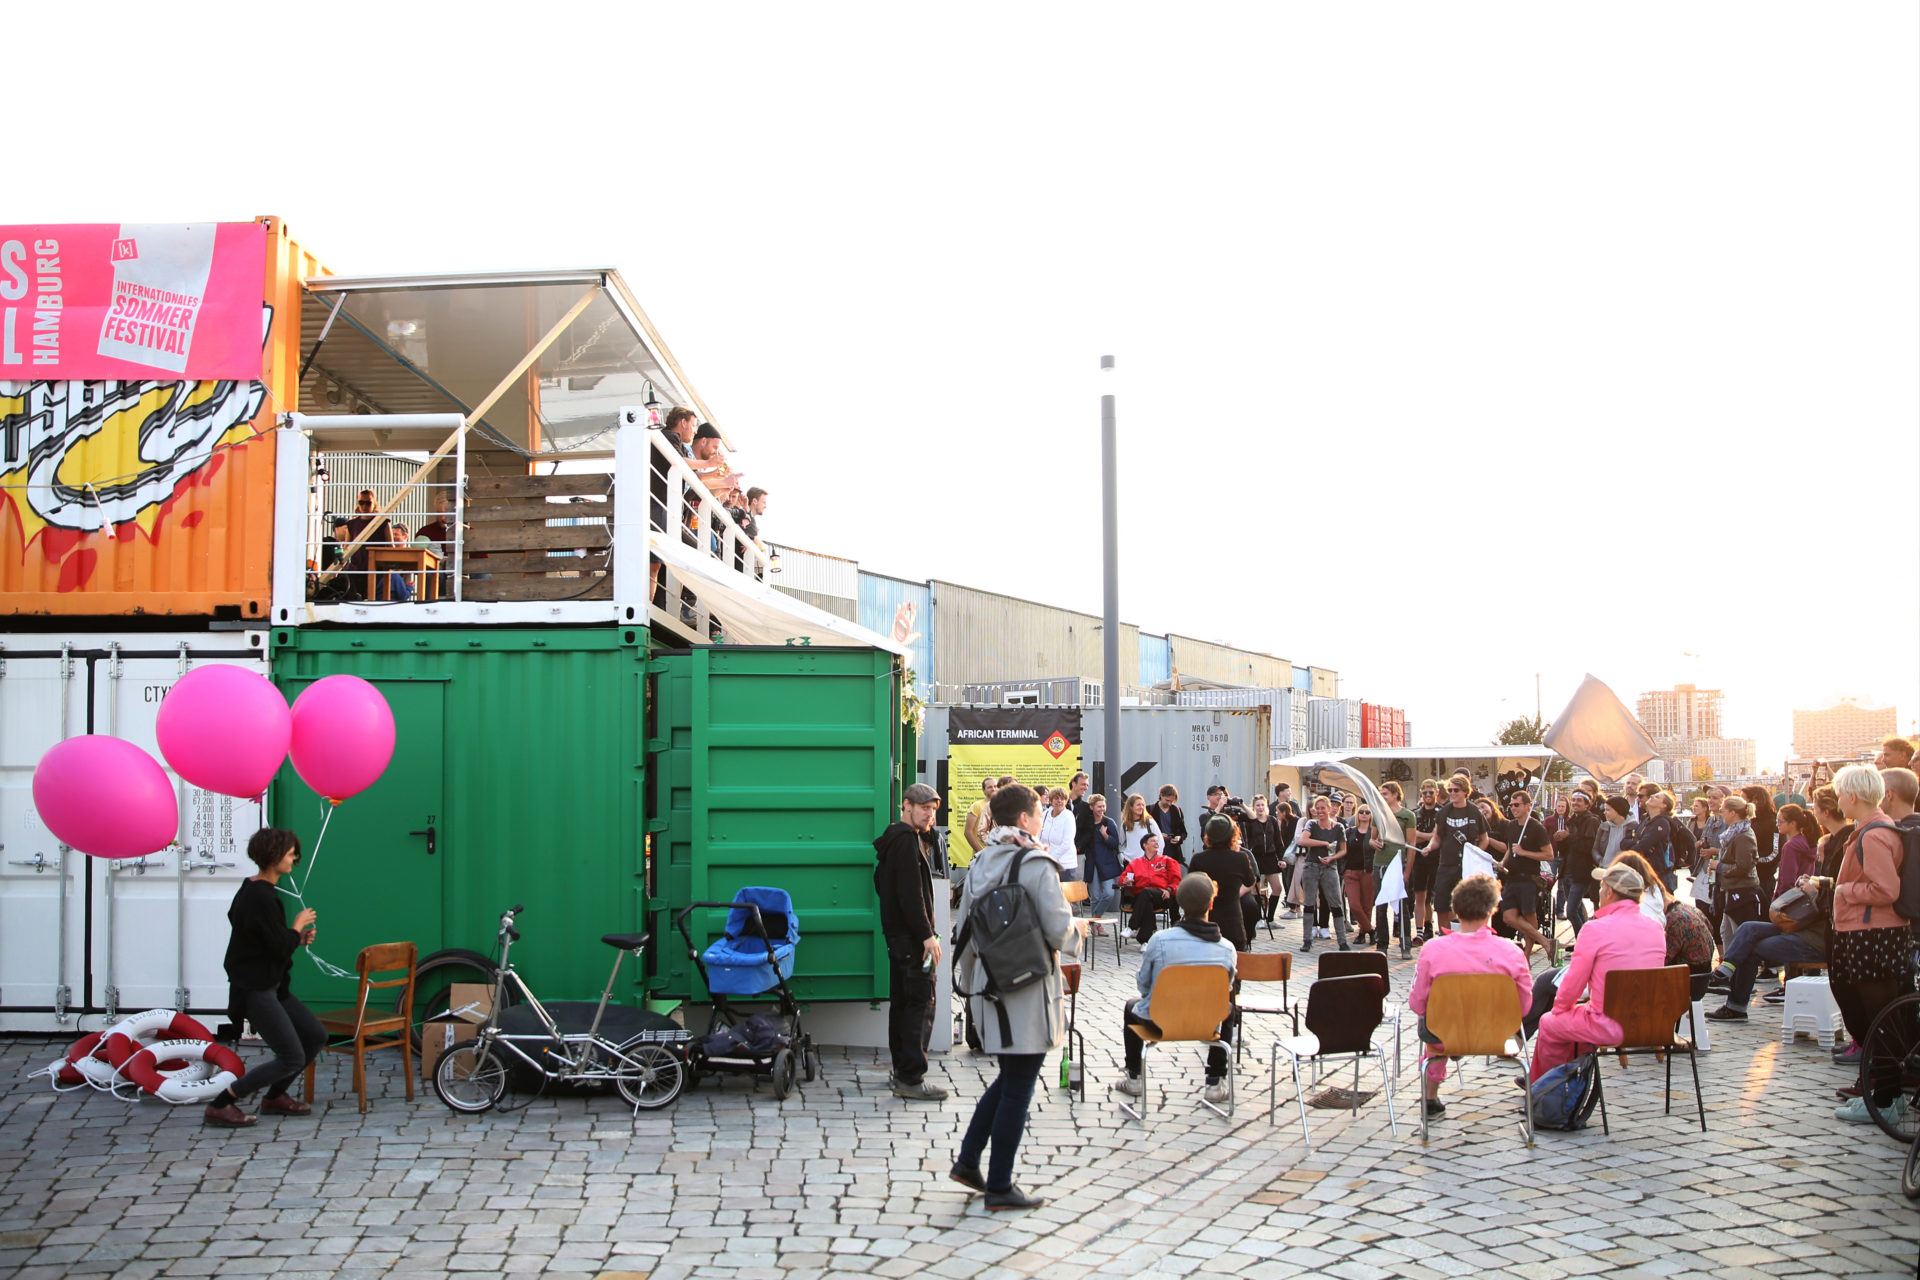 Geheimagentur / Hamburg Port Hydrarchy: Free Port Baakenhöft